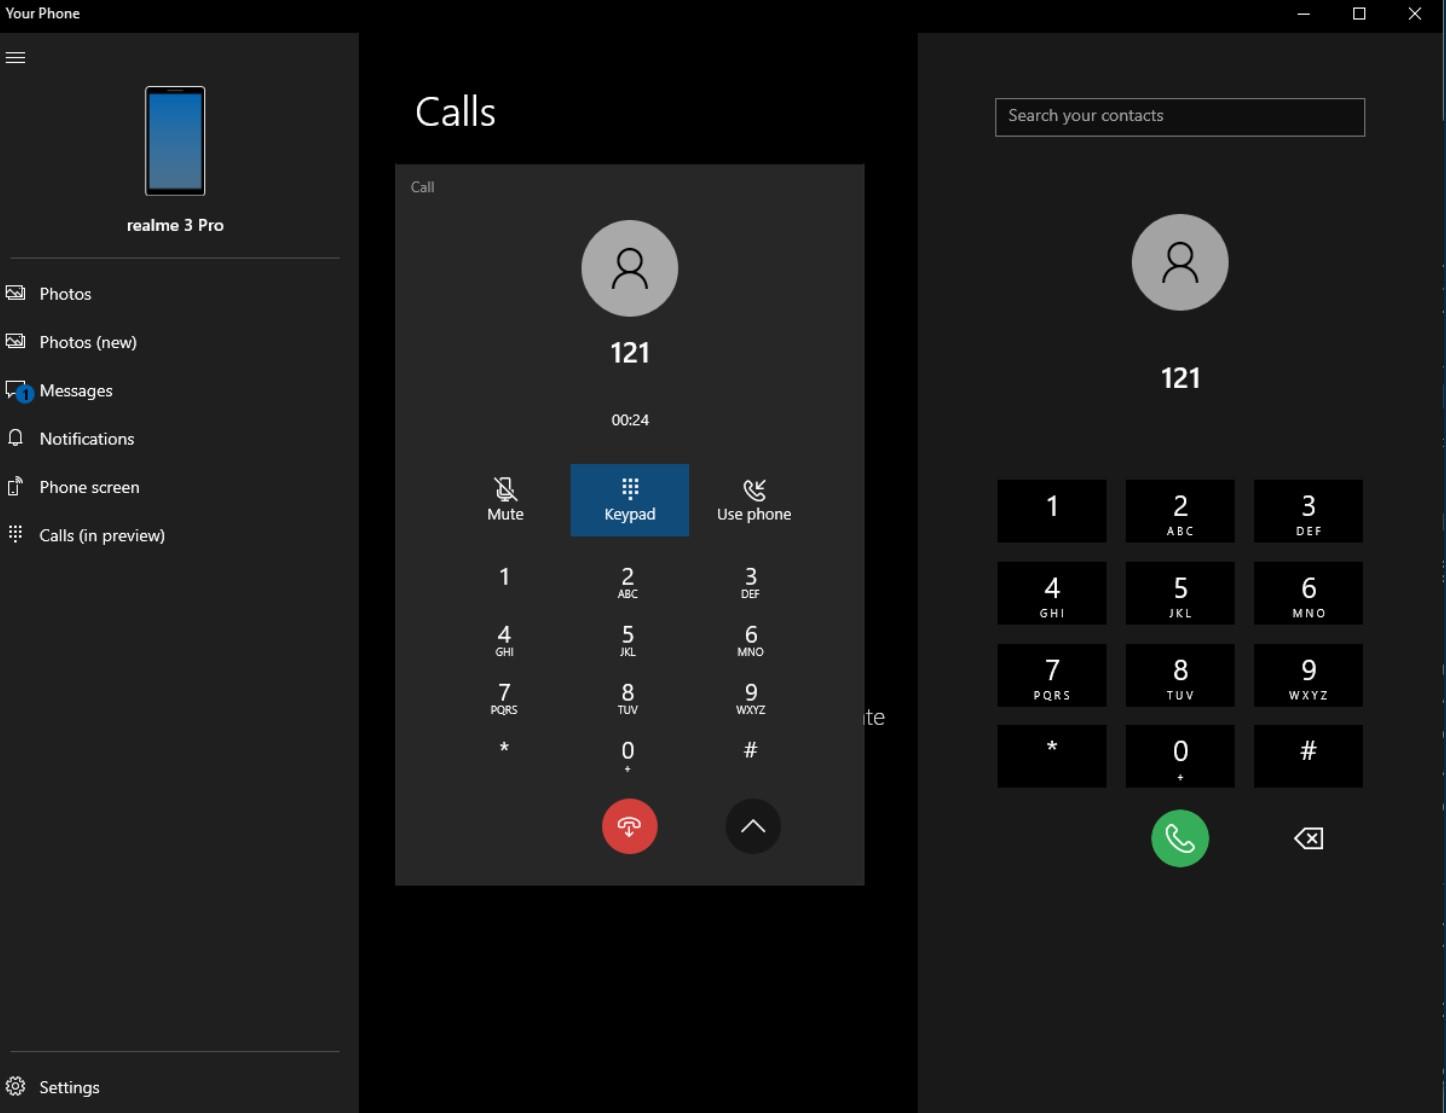 Aplikacja Twój telefon wkrótce z obsługą rozmów telefonicznych na PC z Windows 10